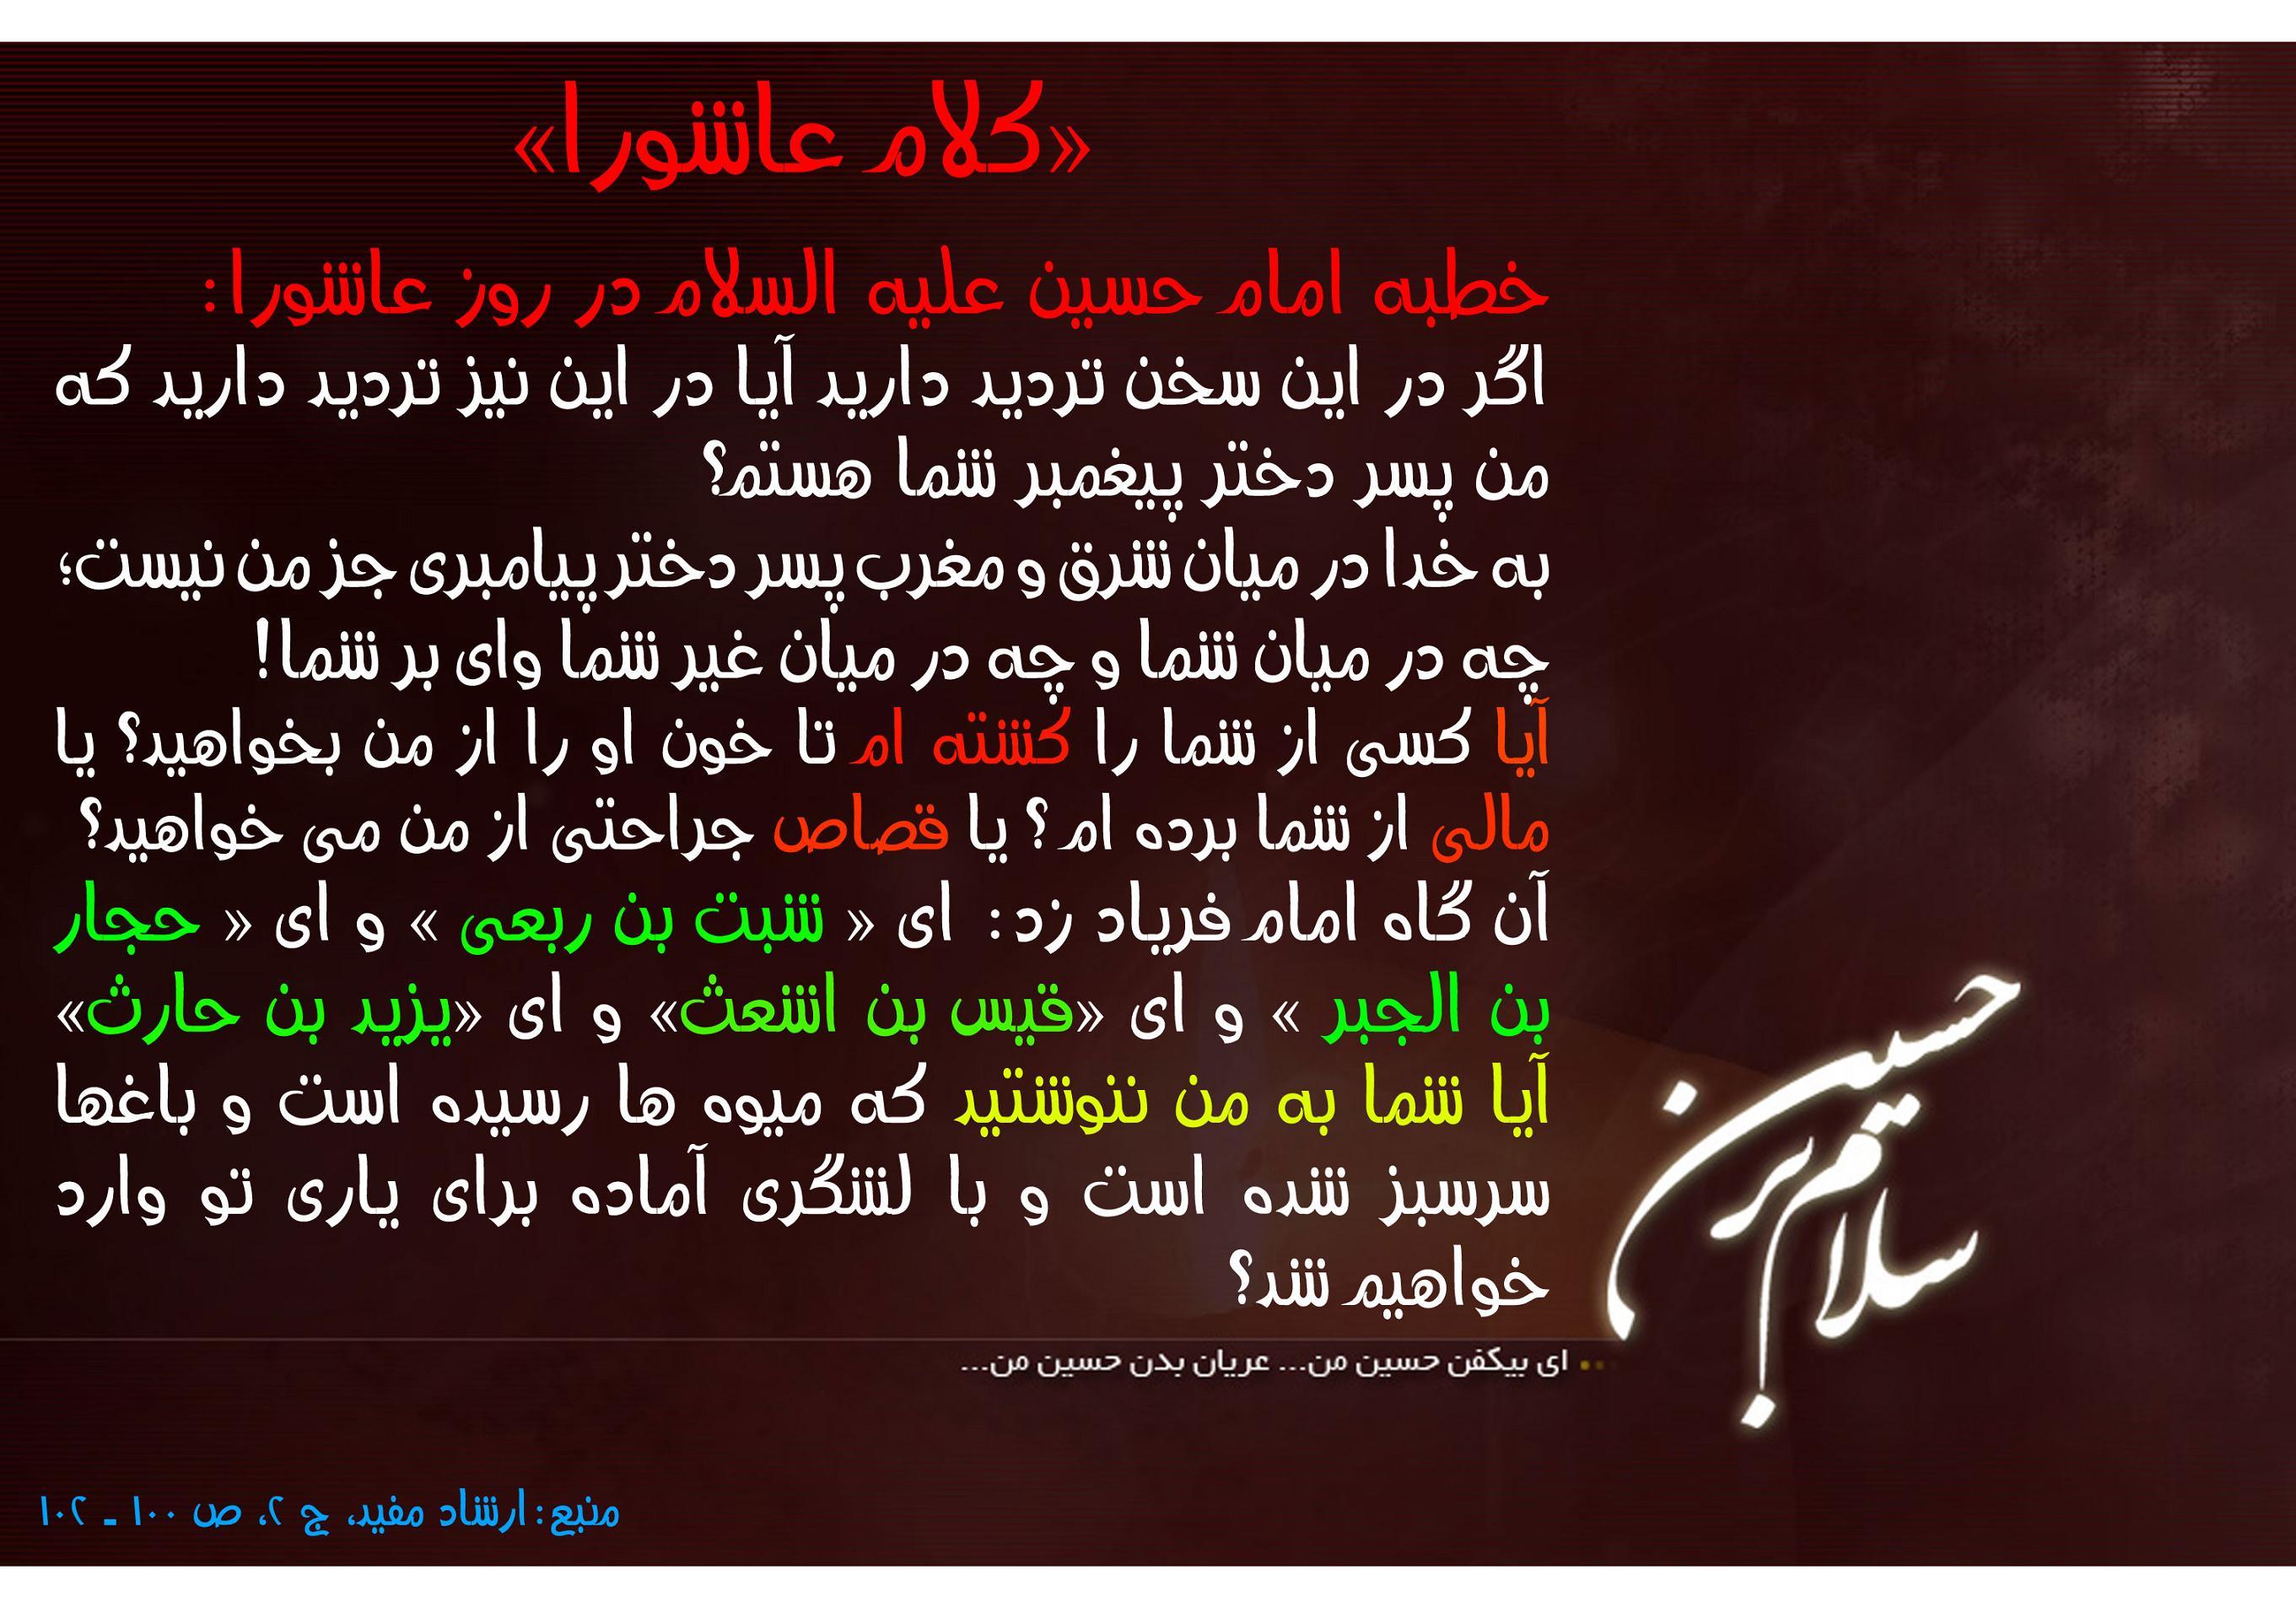 کمی از خطبه امام حسین(ع) در روز عاشورا (2)